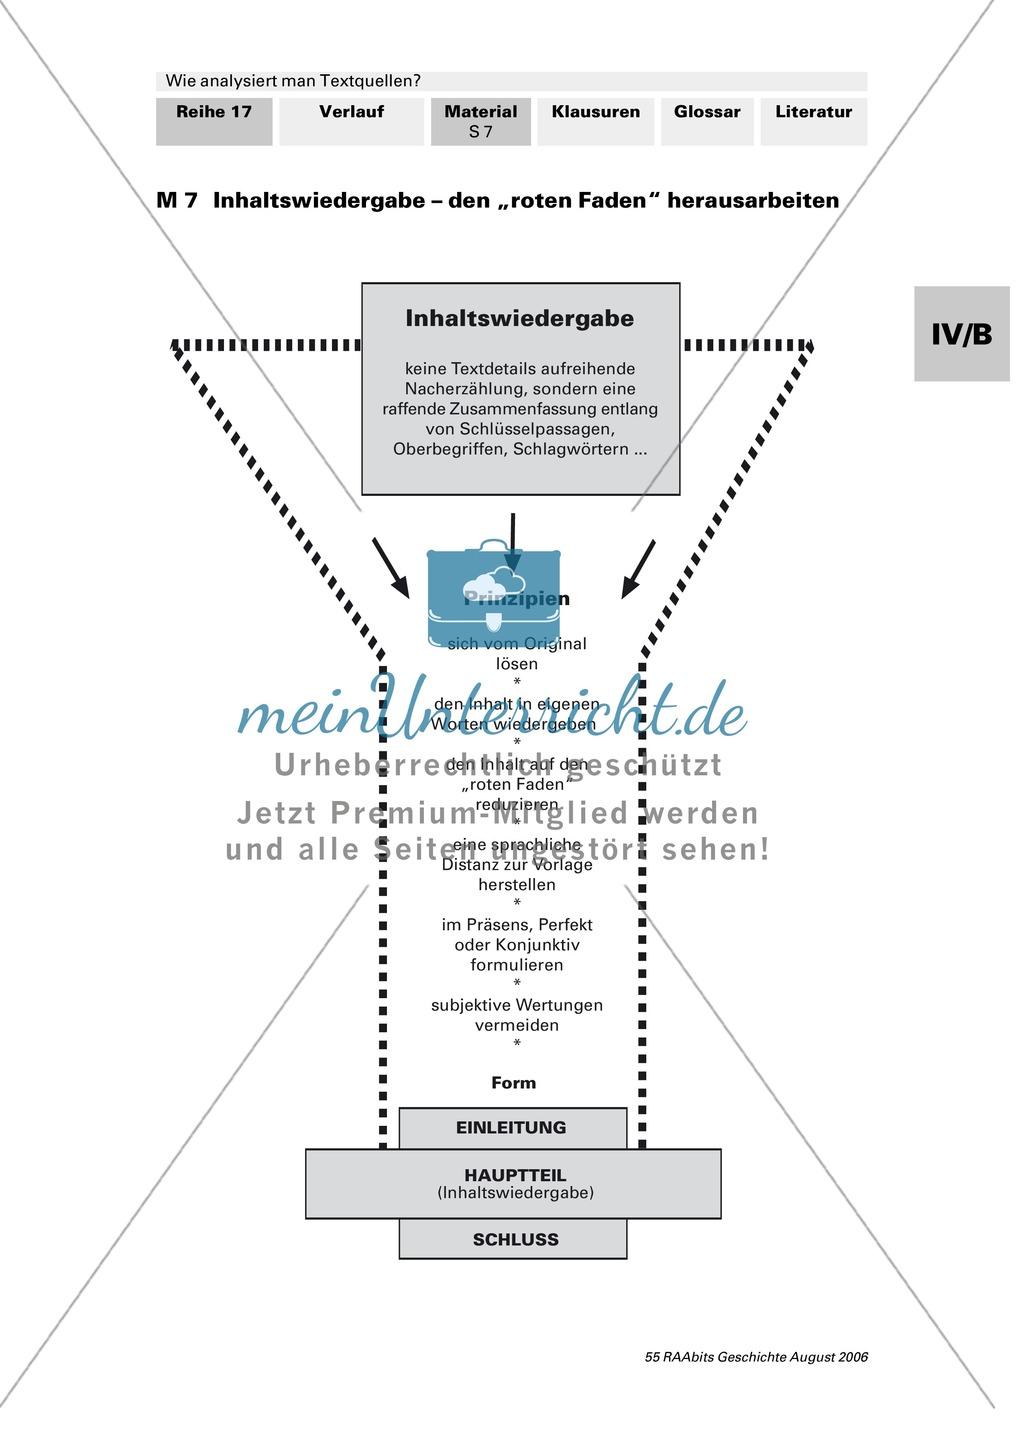 Analyse von Textquellen: Systematisierunghilfe zur Analyse - Authentizitätsgrad und Aussagewert bestimmen, Inhaltsangabe schreiben, Formulierungshilfen für eigenen Text verwenden Preview 1